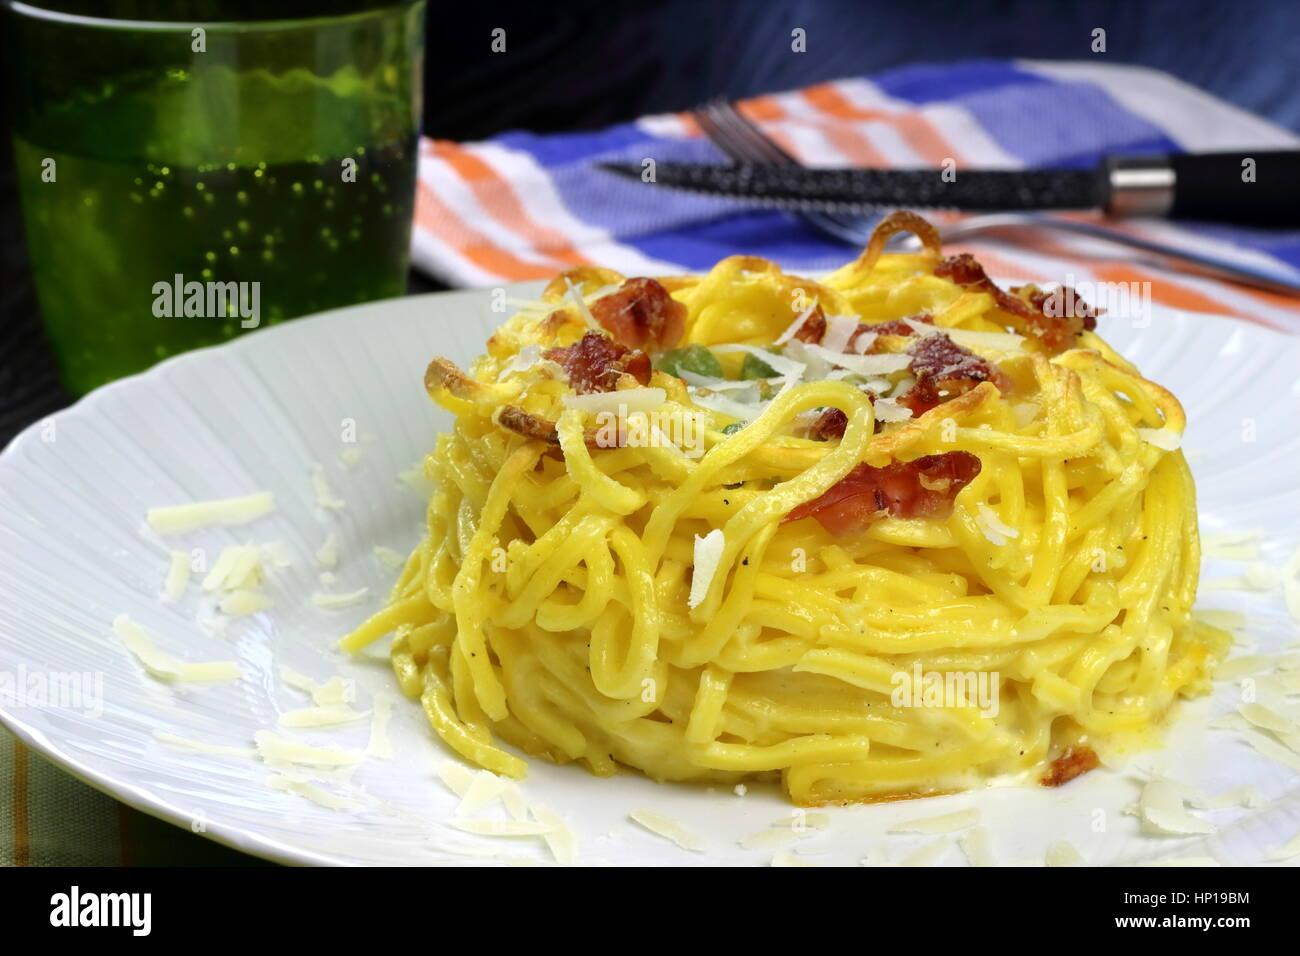 Gebackener Taleggio-Käse, Speck (auch Speck oder Kissen) und Erbsen ...